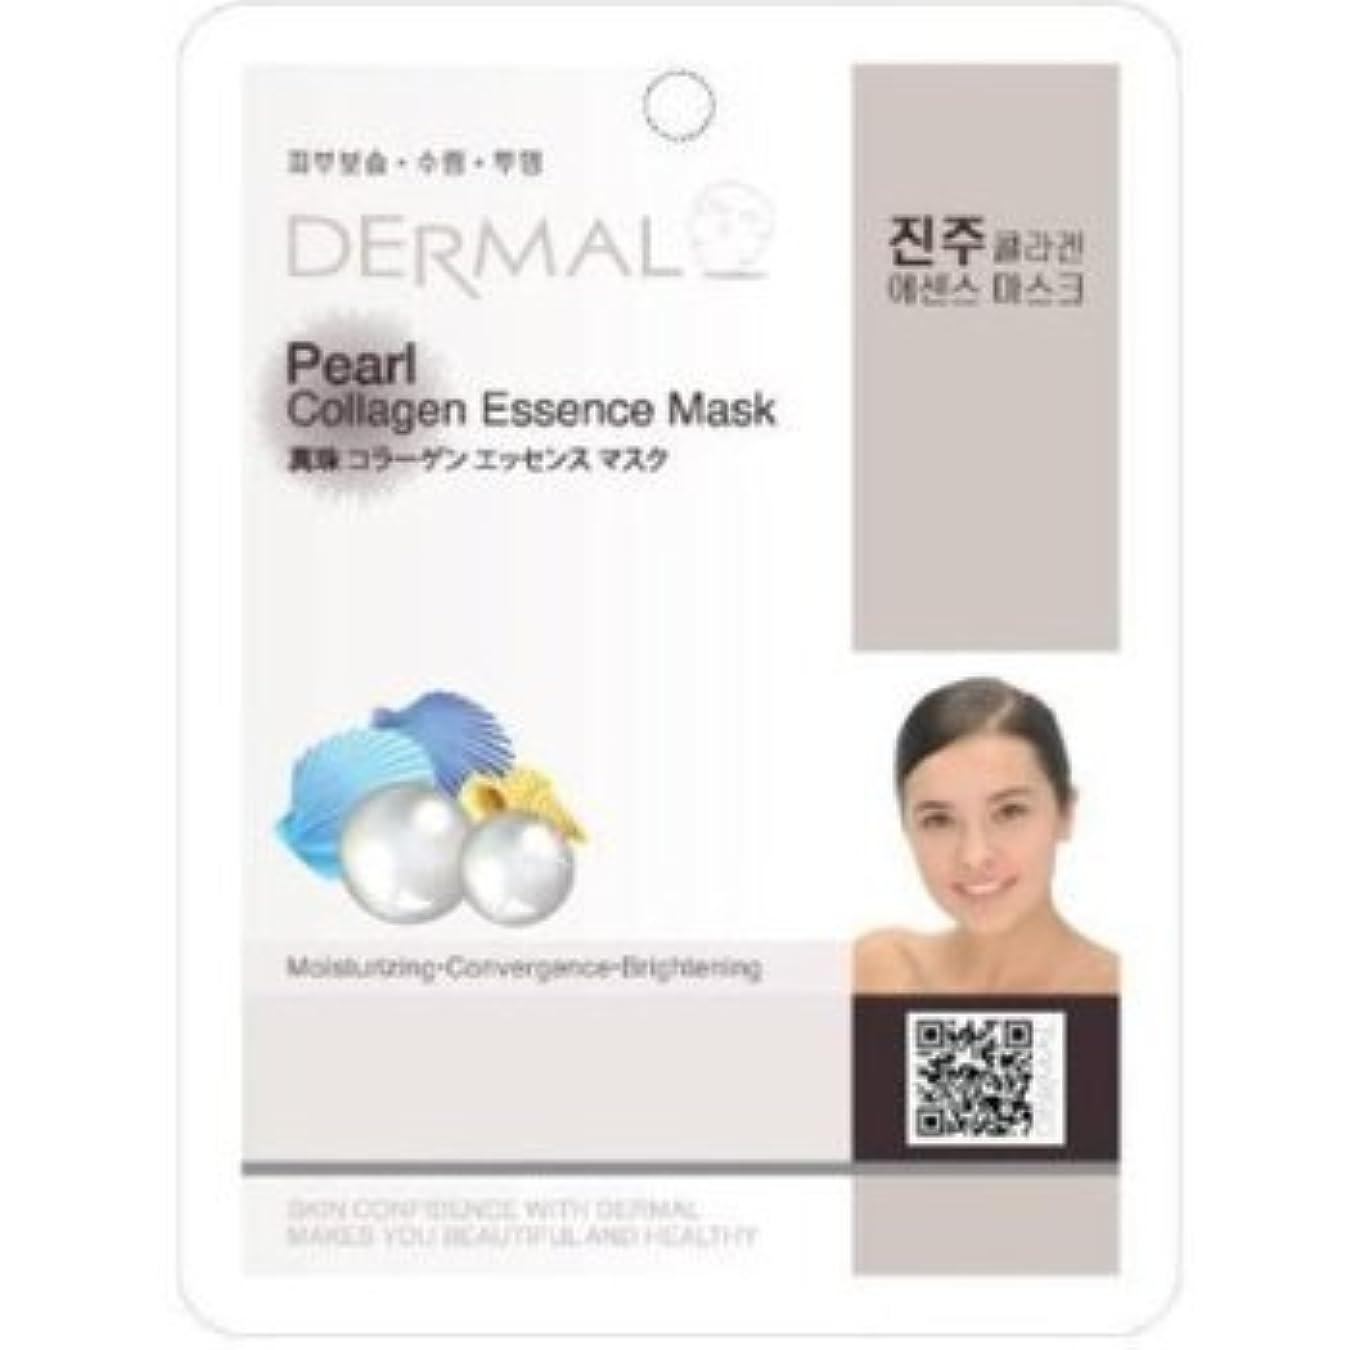 こどもの日件名摂動Dermal Korea Collagen Essence Full Face Facial Mask Sheet - Pearl (100 pcs, 1box)